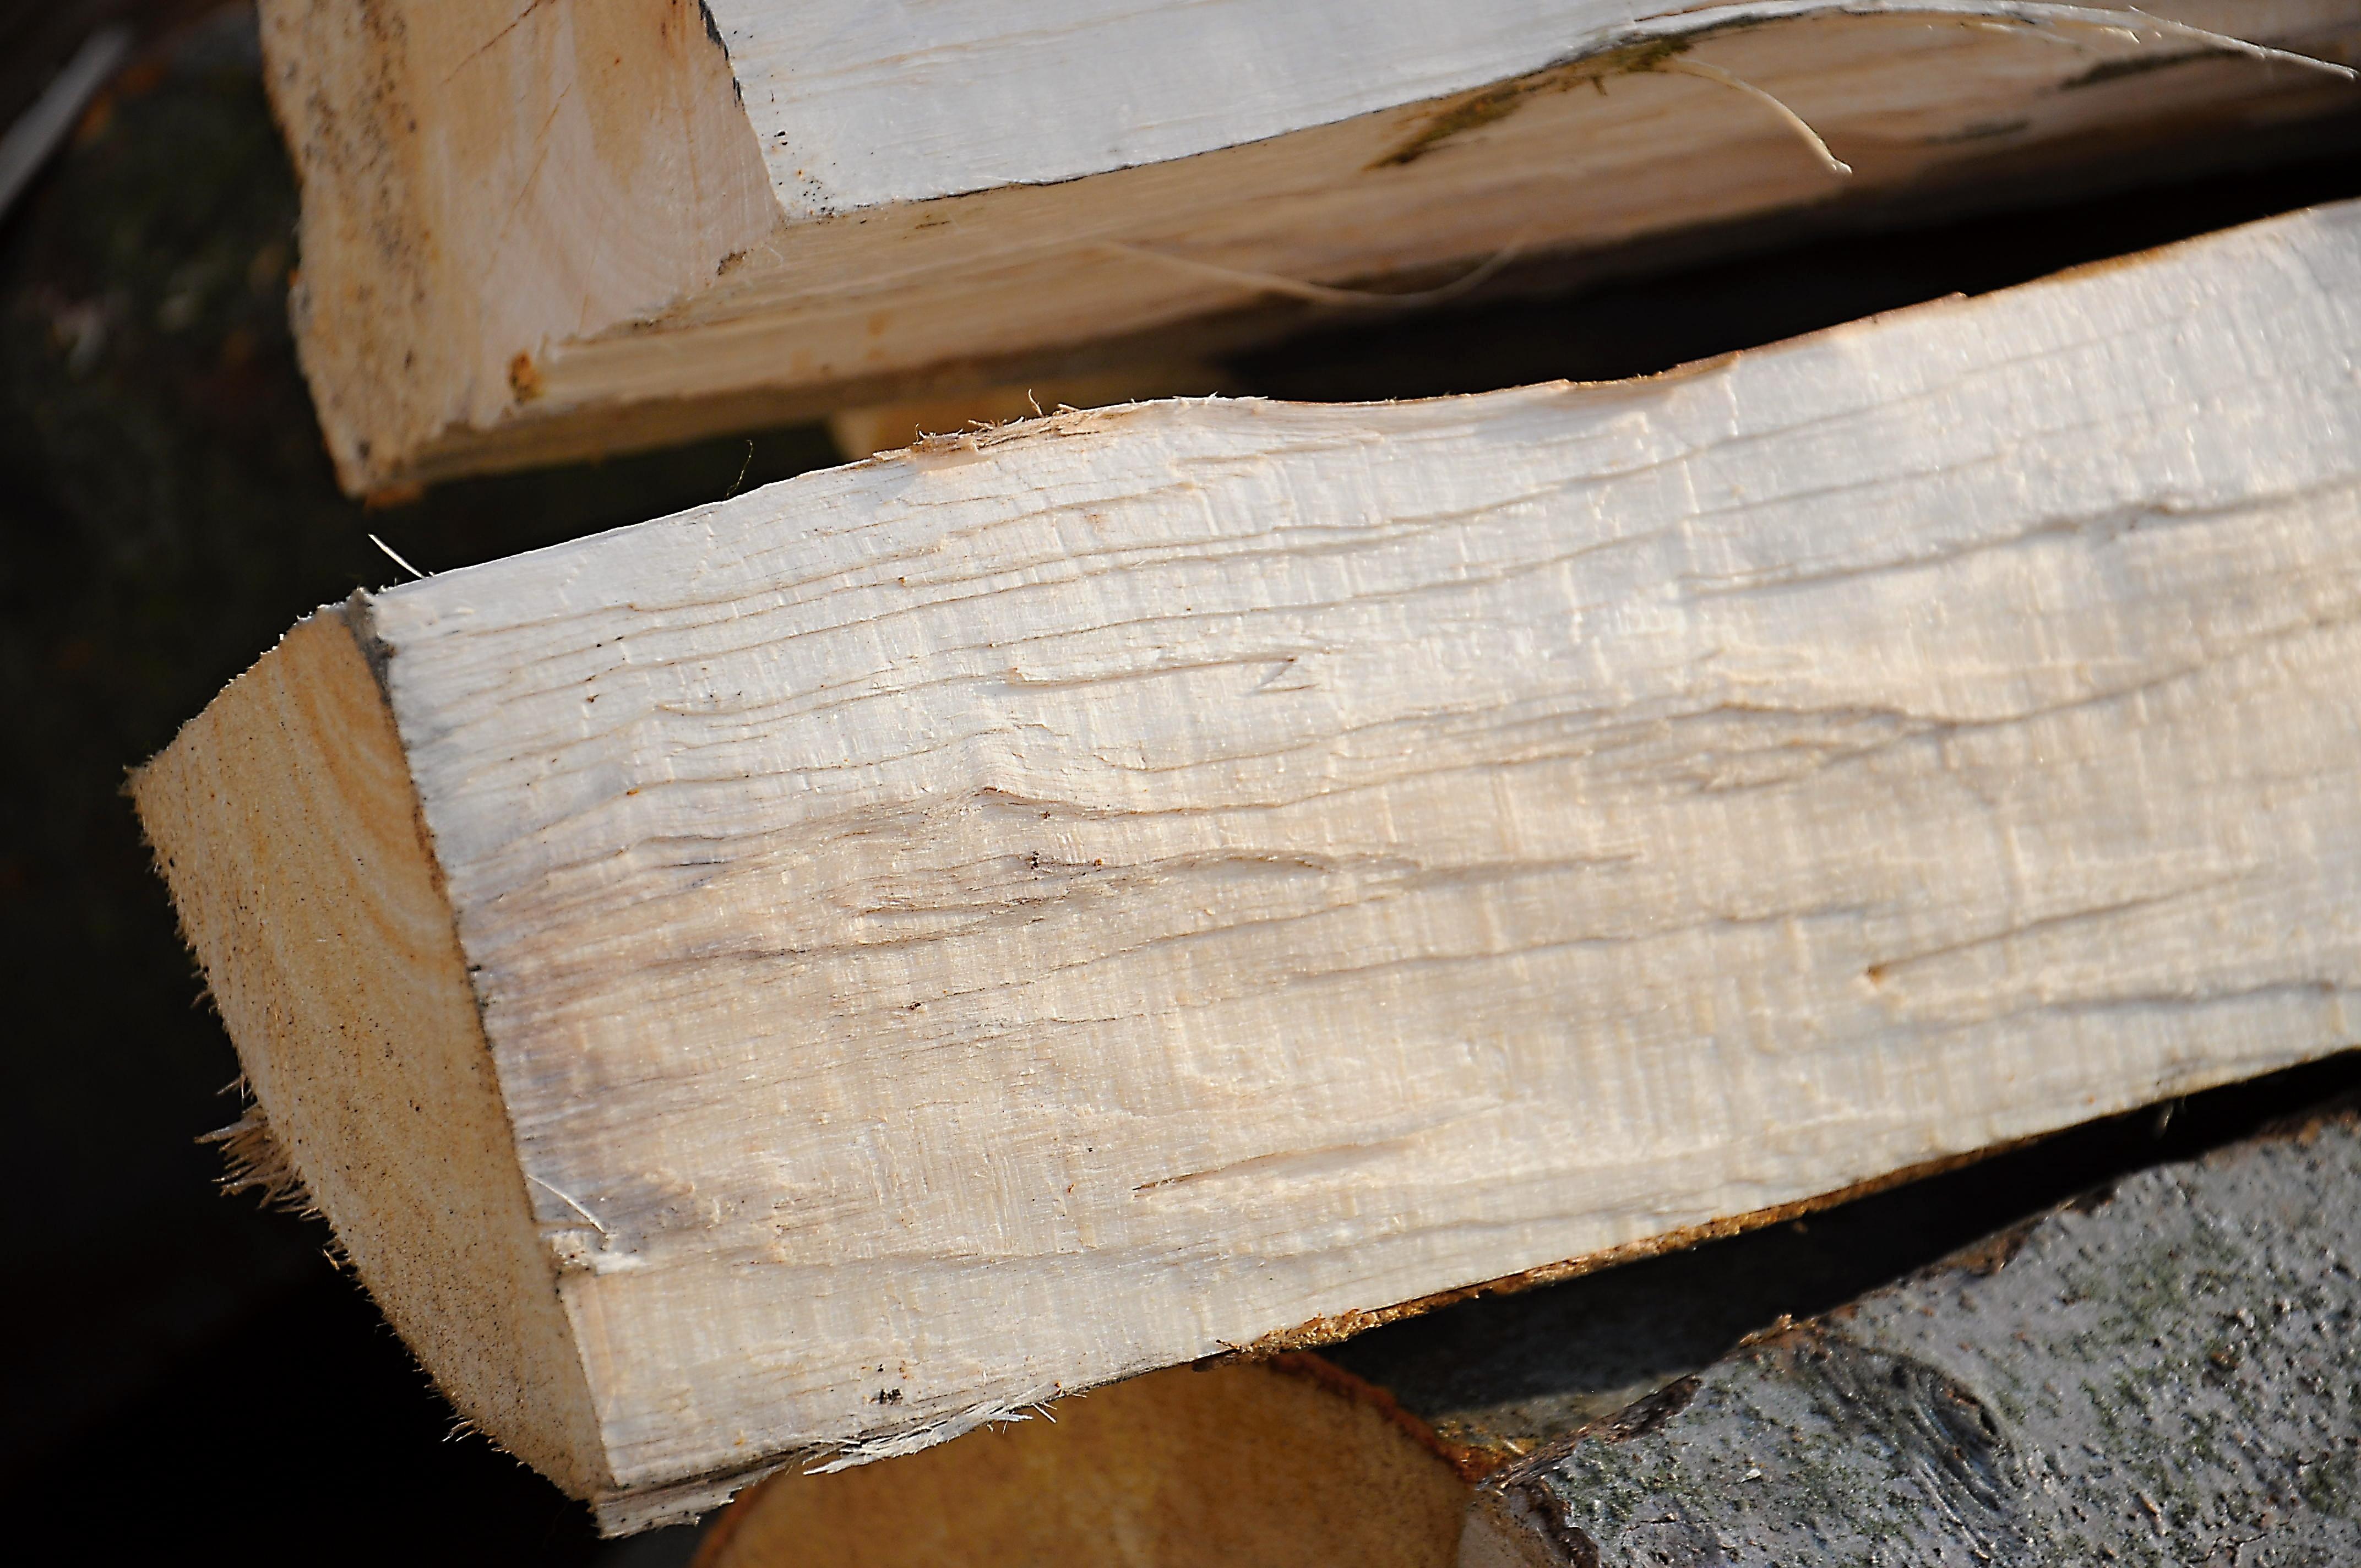 DřevoNavrátil - buk, polena 33 cm